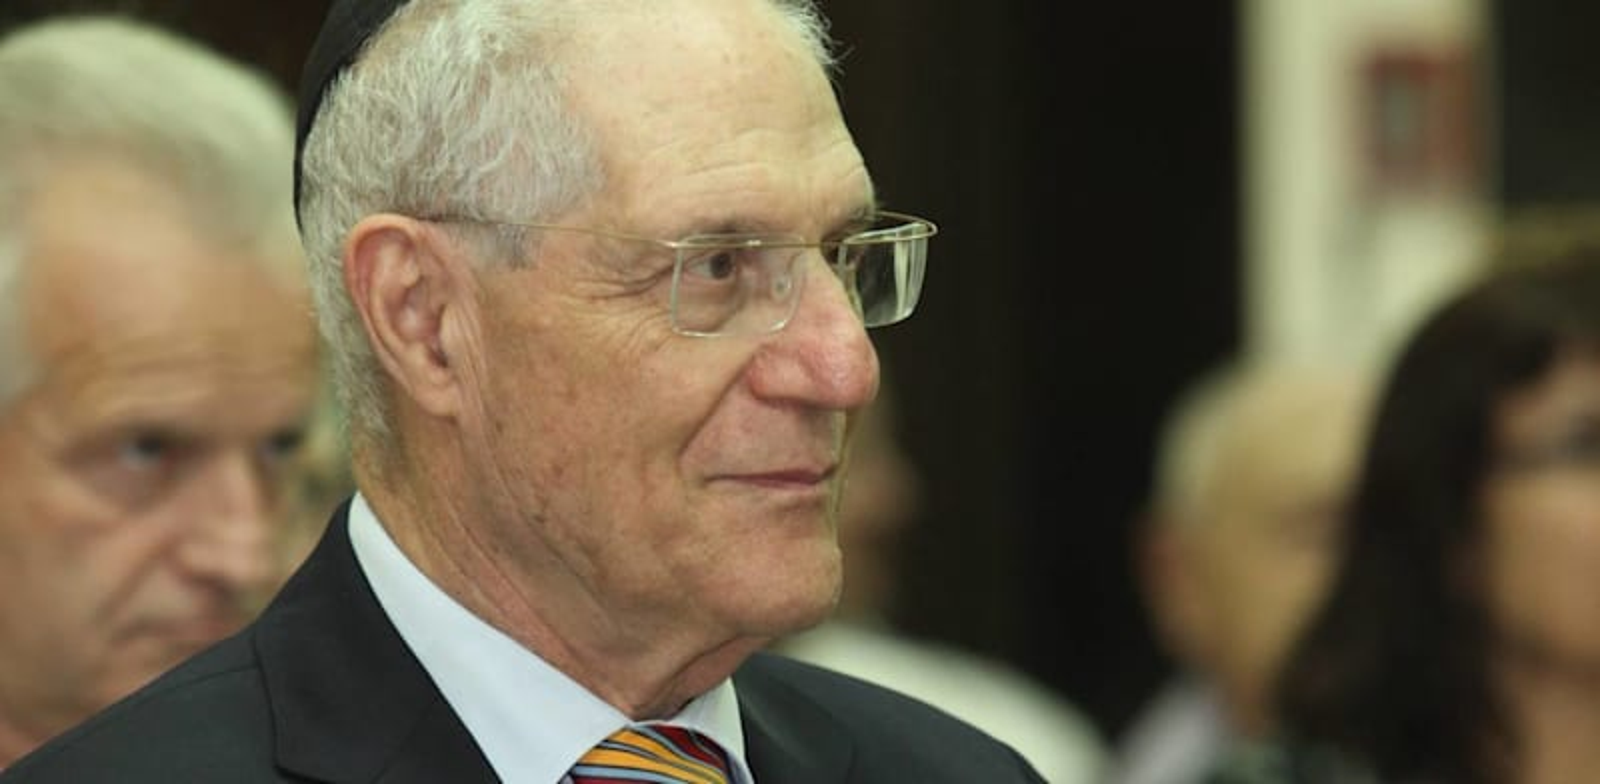 יו''ר הוועדה, פרופ' יצחק אנגלרד / צילום: אוריה תדמור